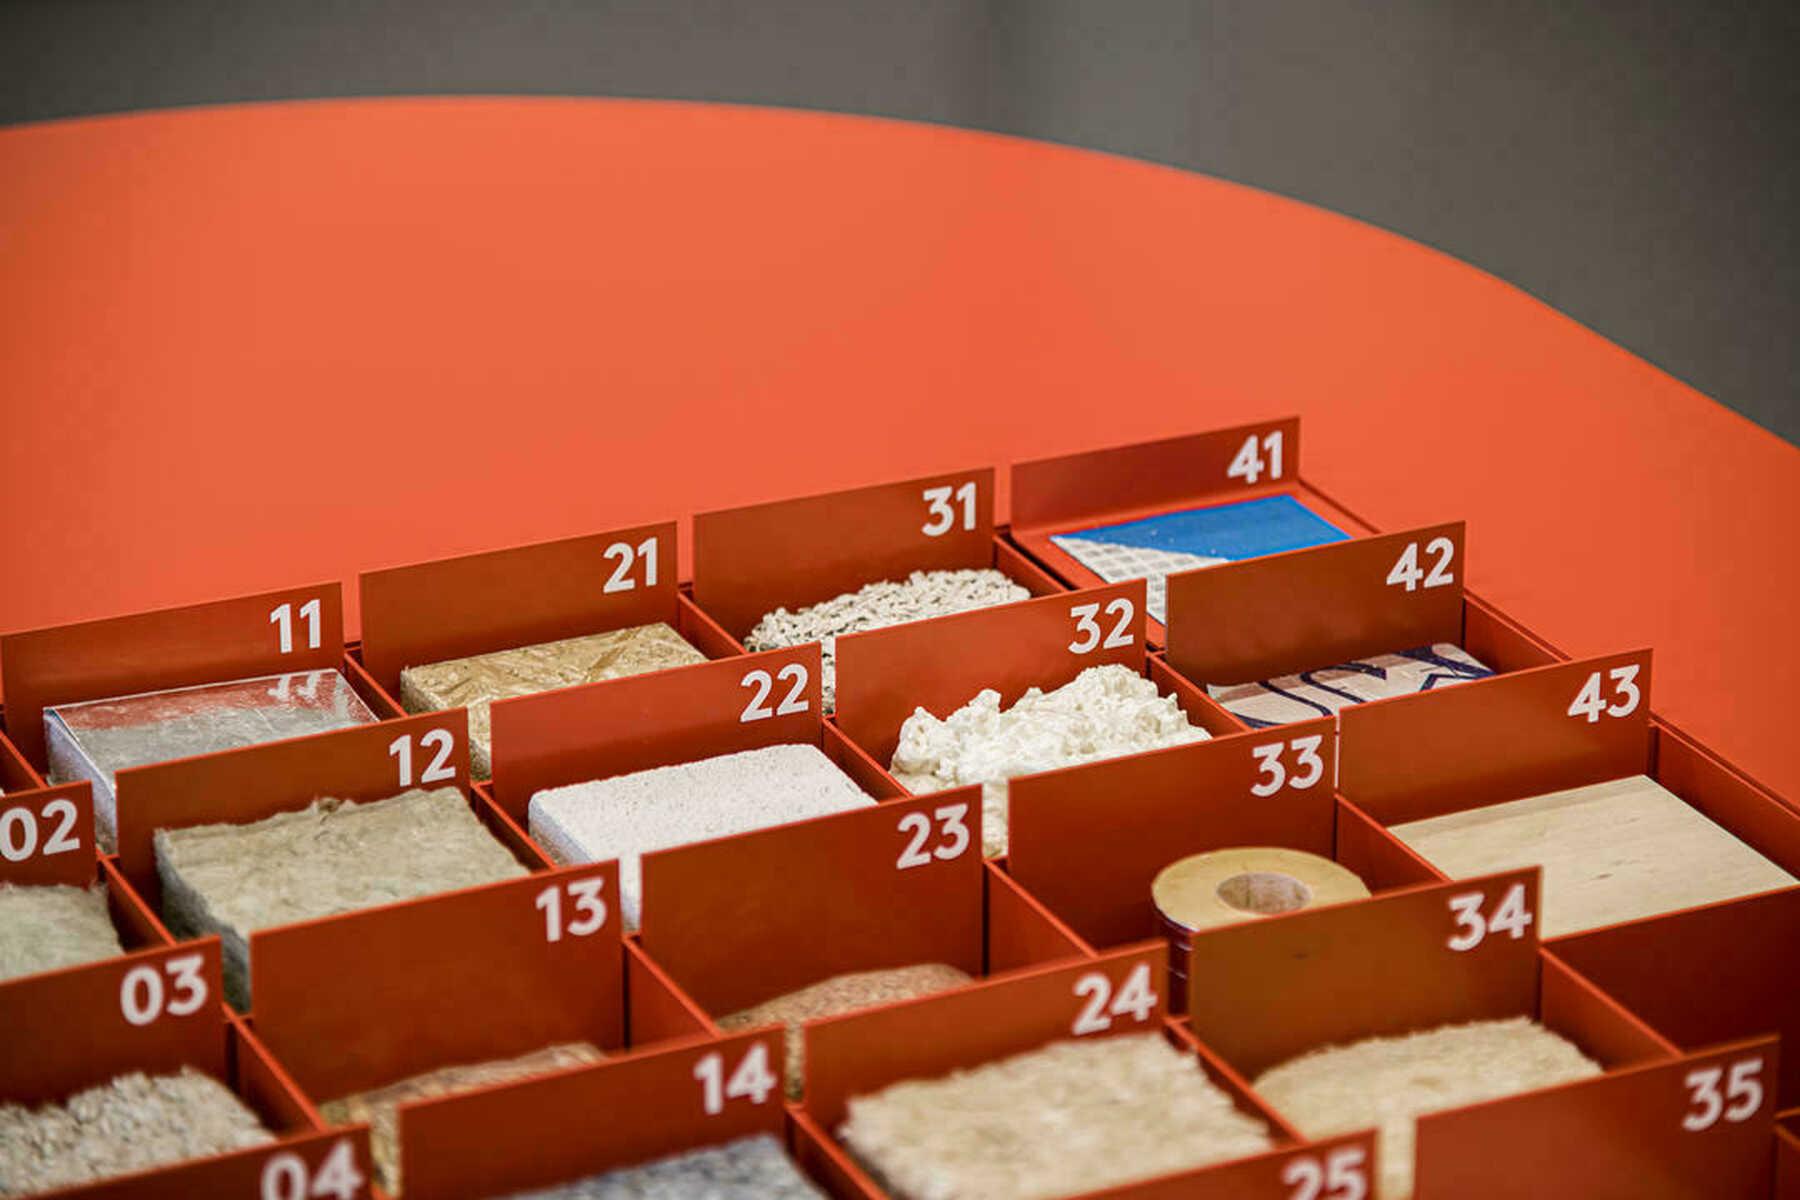 materialen tentoonstelling acasus